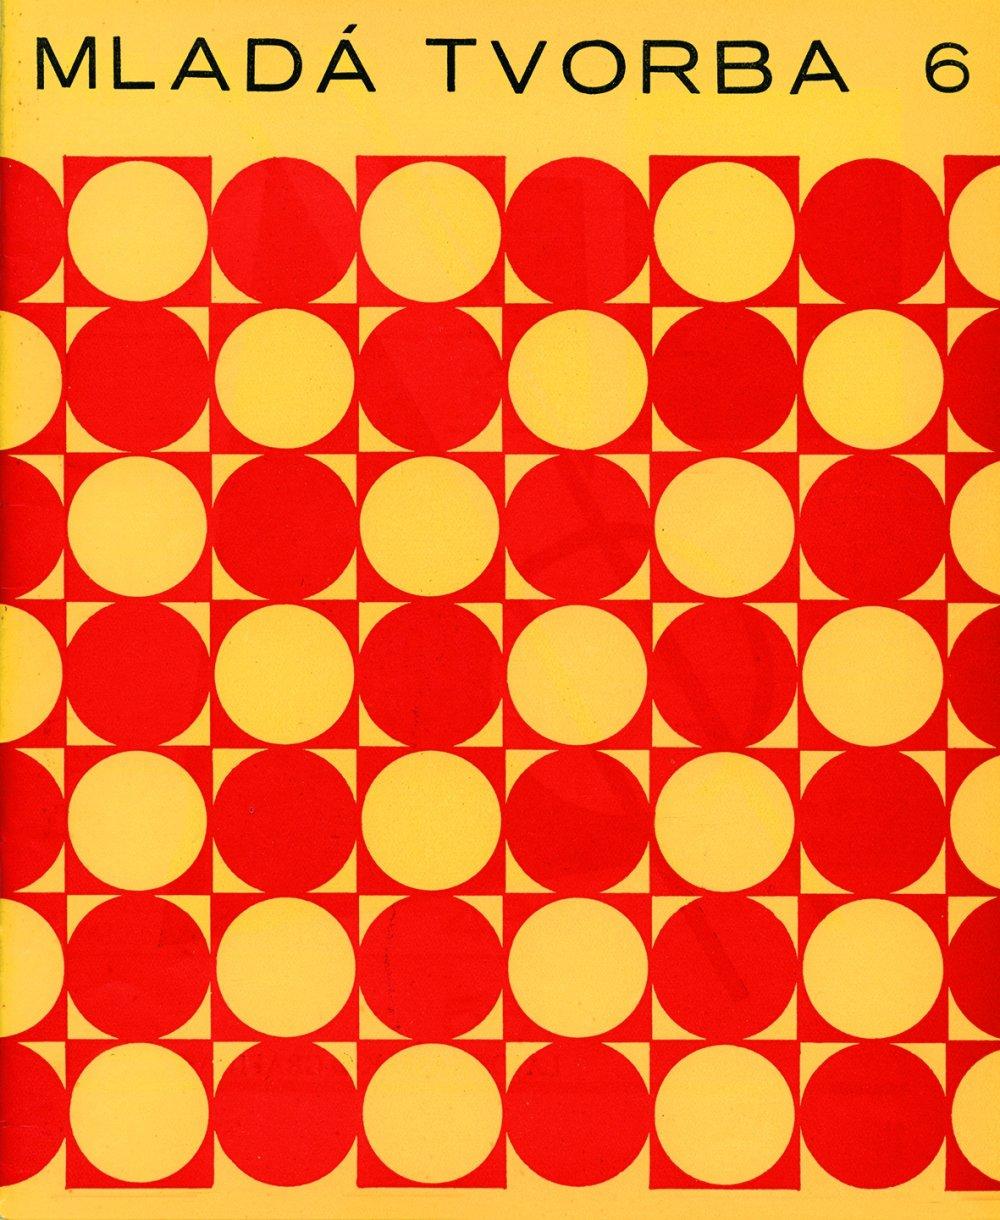 Geometrické motívy na obálke Mladej tvorby od Miloša Urbáska, 1968, archív SMD.